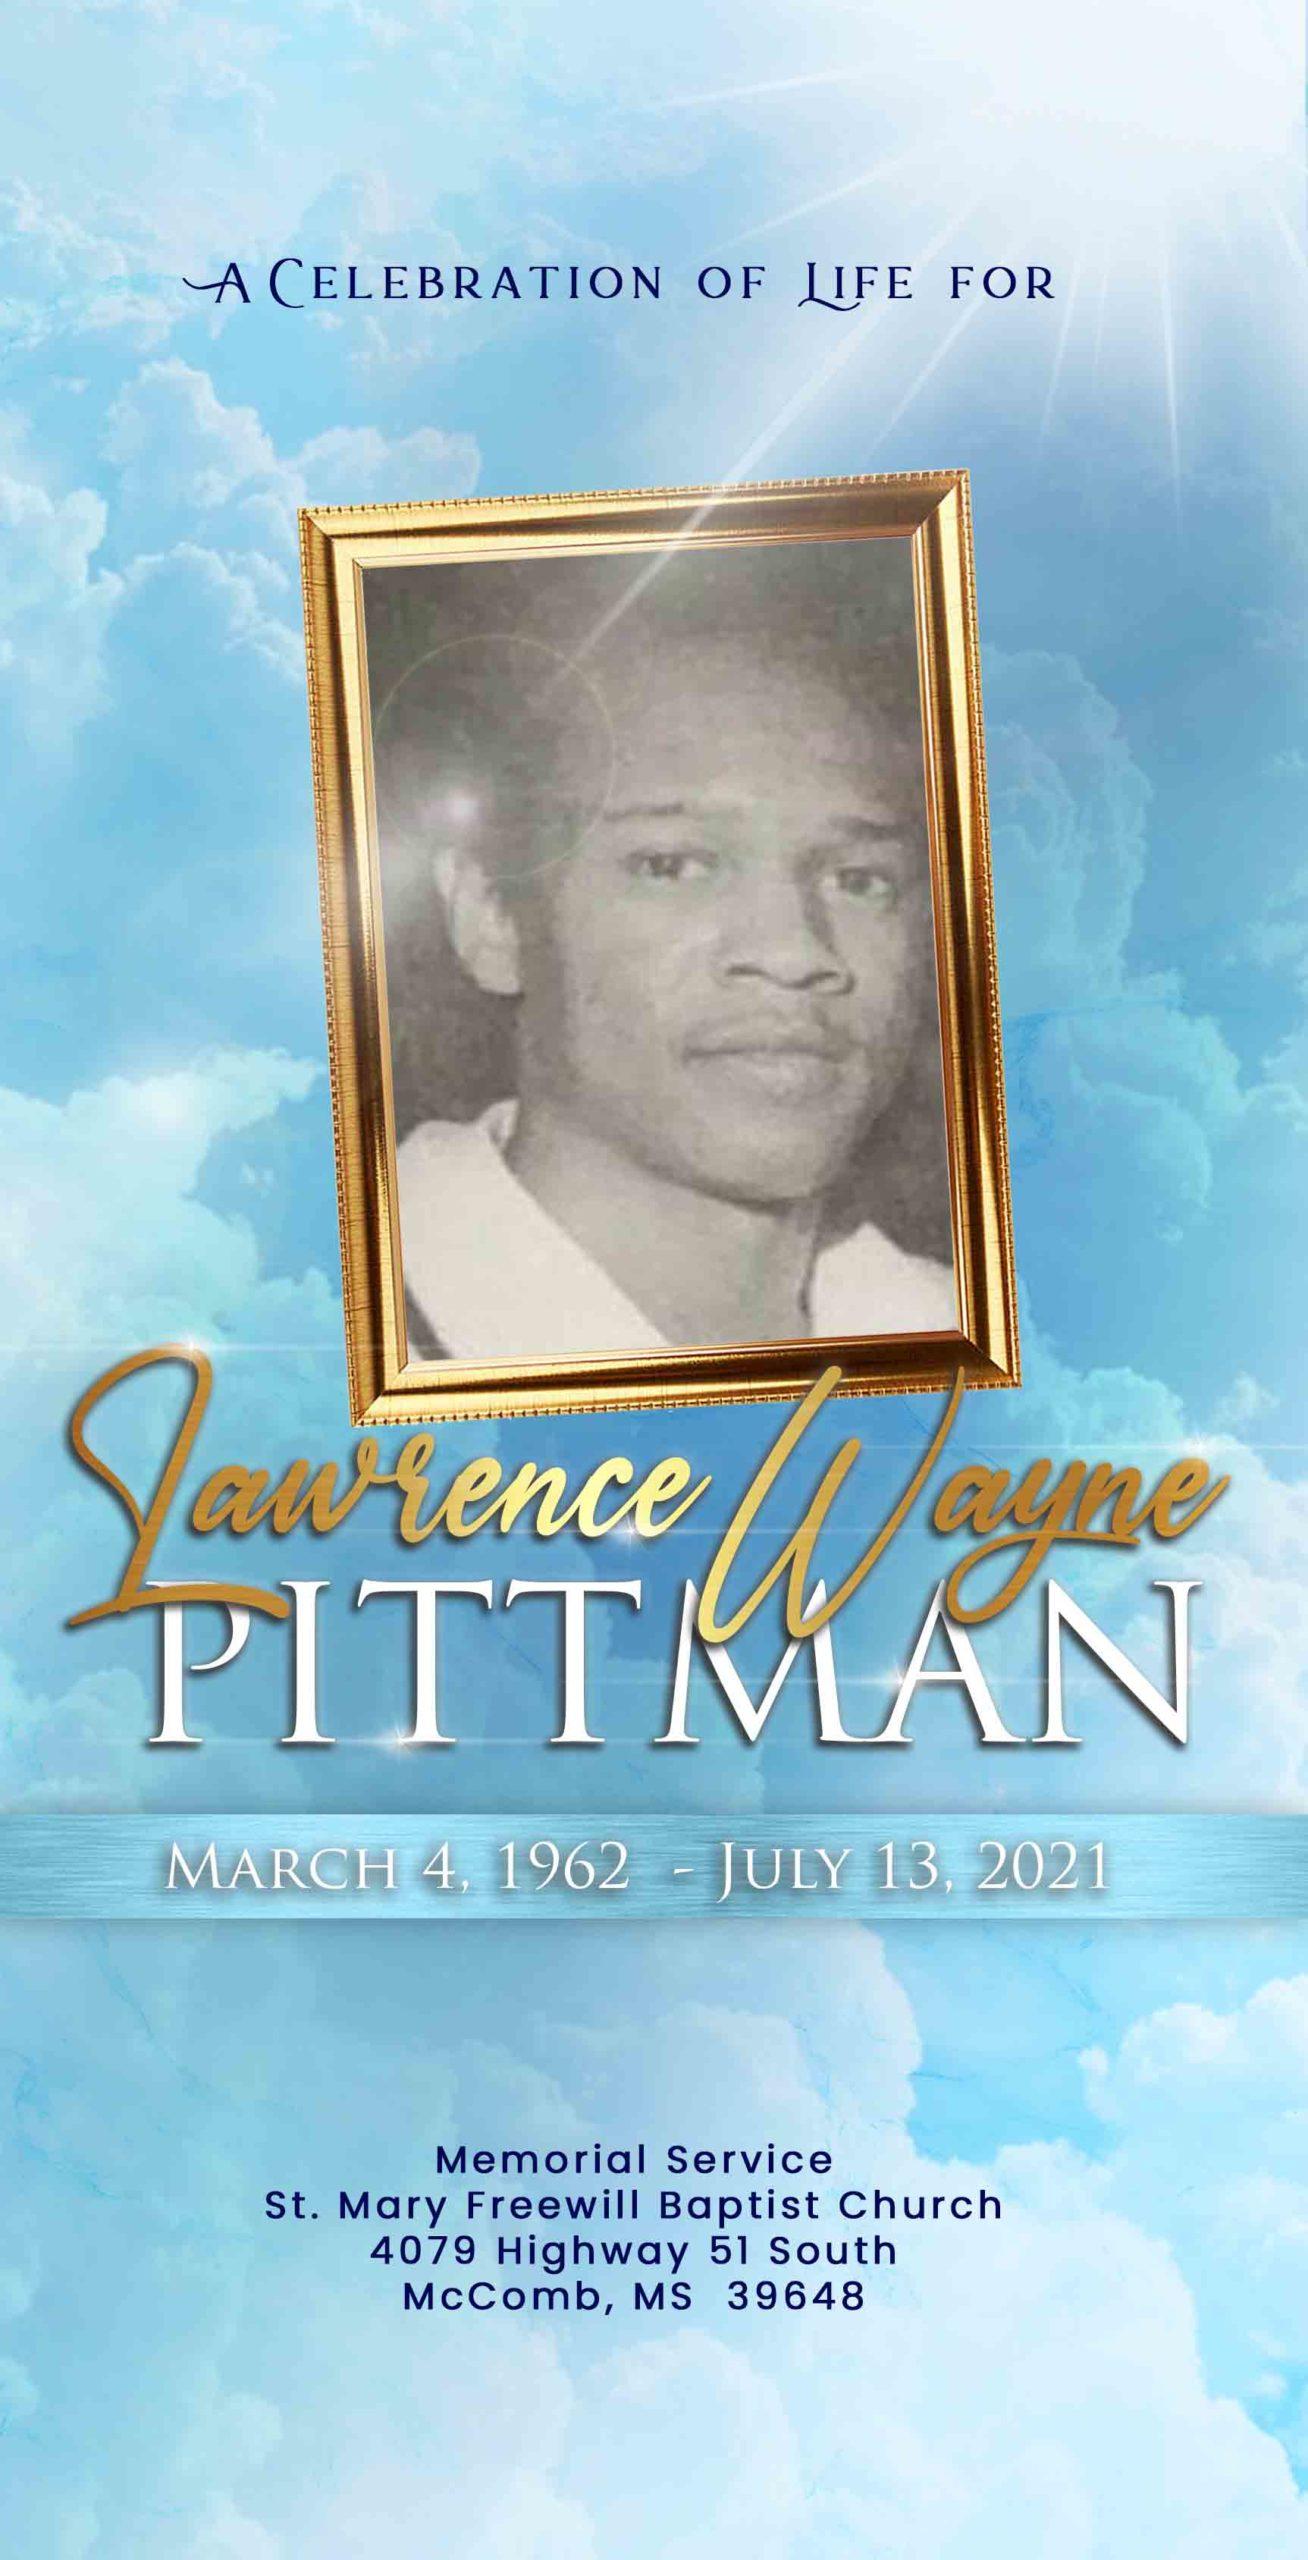 Lawrence Wayne Pittman 1962 – 2021